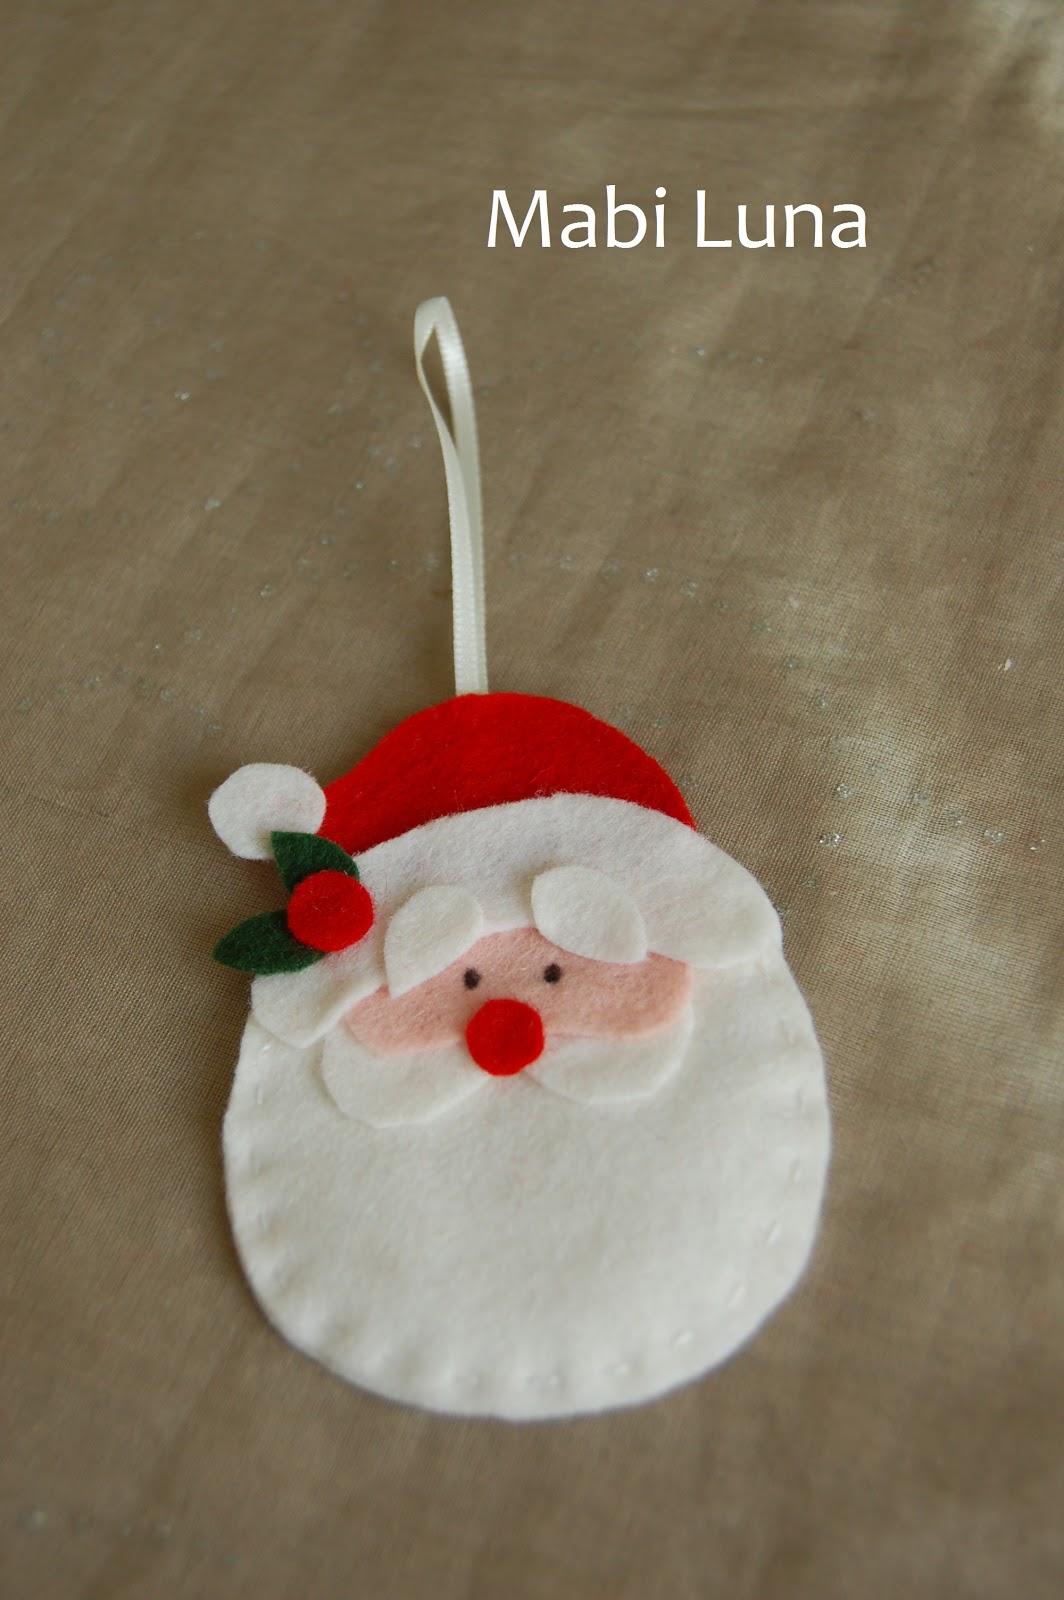 Mabi luna rbol de navidad de fieltro manualidades f ciles para ni os - Manualidades en fieltro para navidad ...